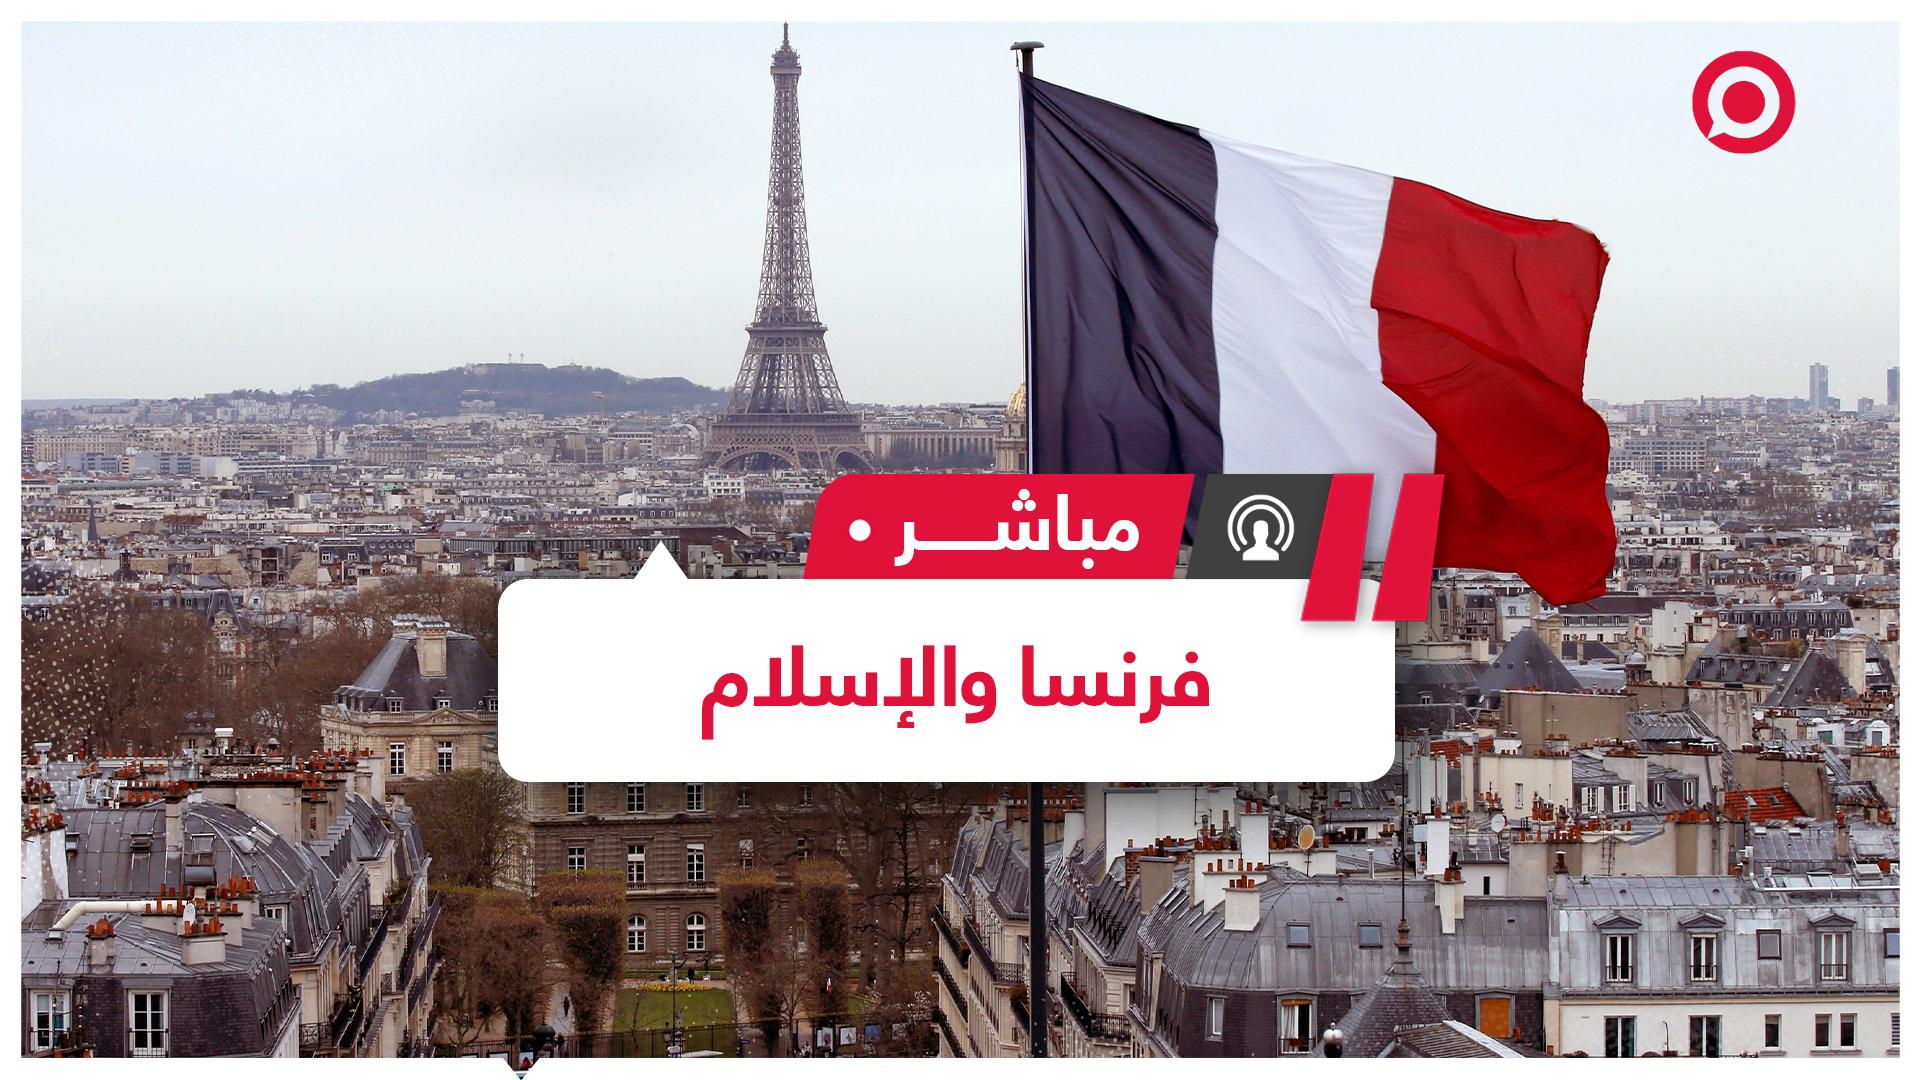 إلى أين يتجه المشهد في فرنسا بعد حادثة ذبح أستاذ التاريخ؟